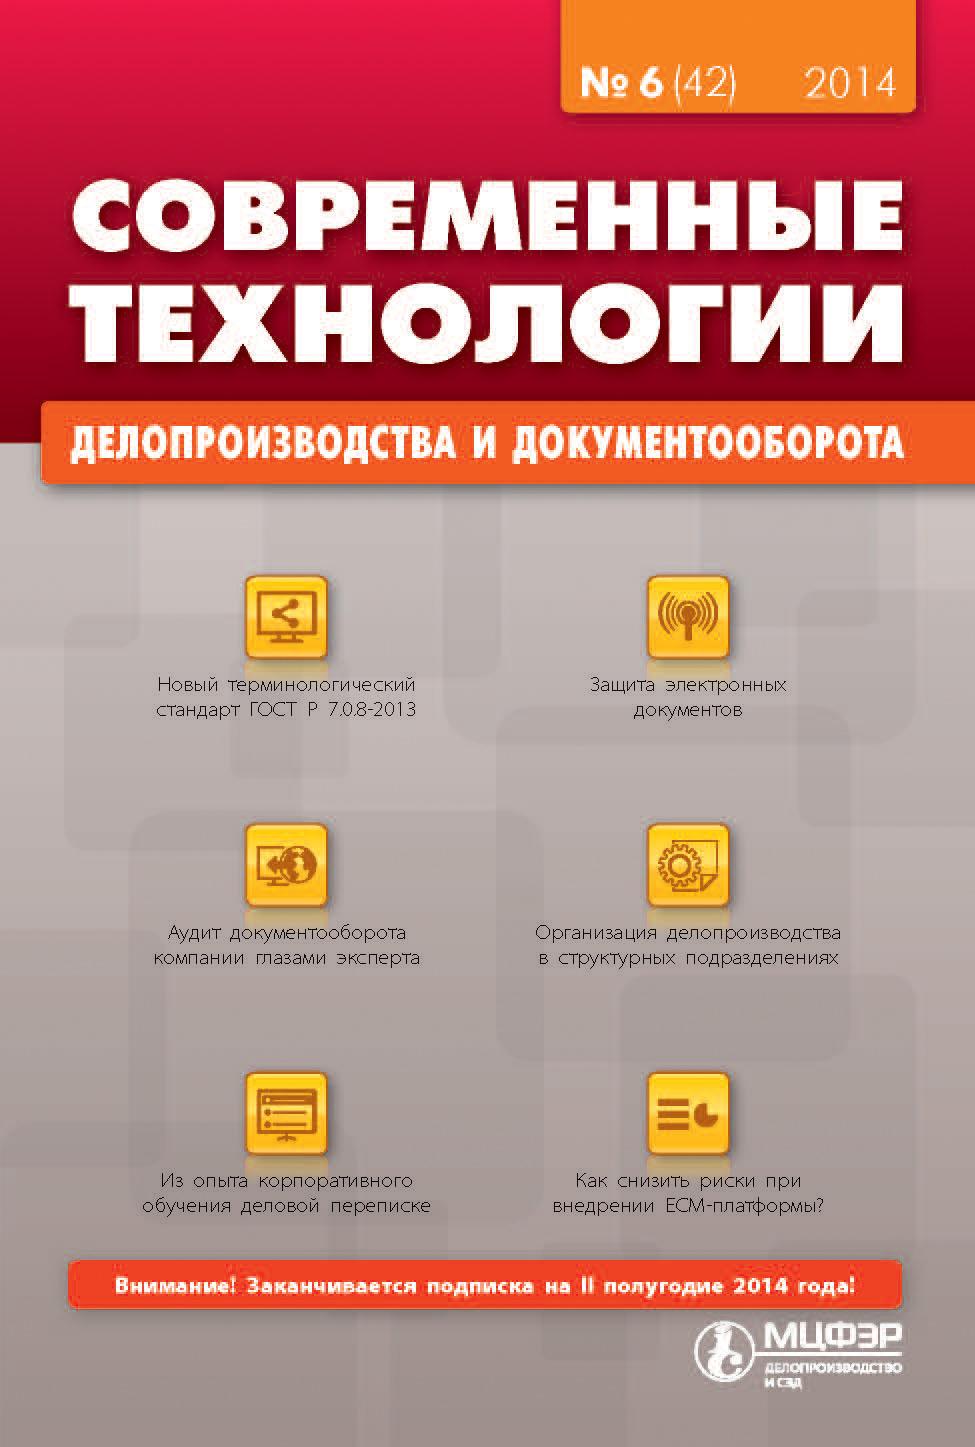 Современные технологии делопроизводства и документооборота № 6 (42) 2014